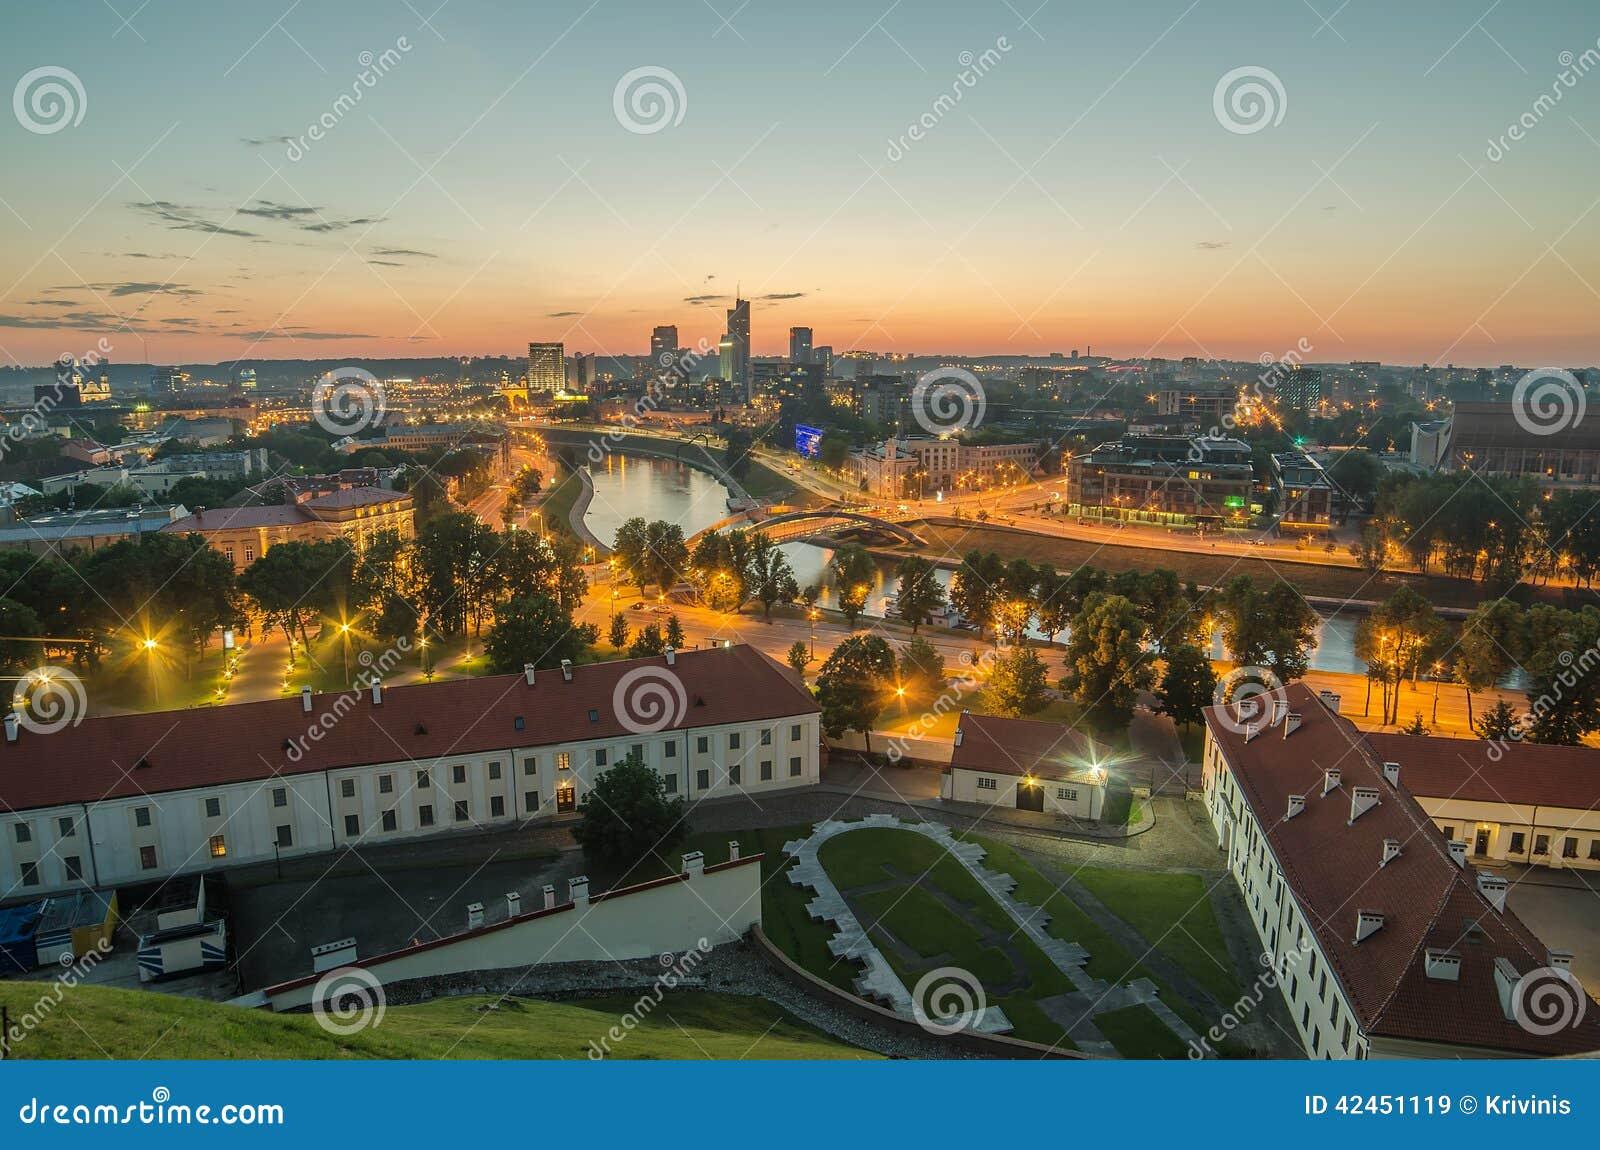 Luftaufnahme von Vilnius, Litauen